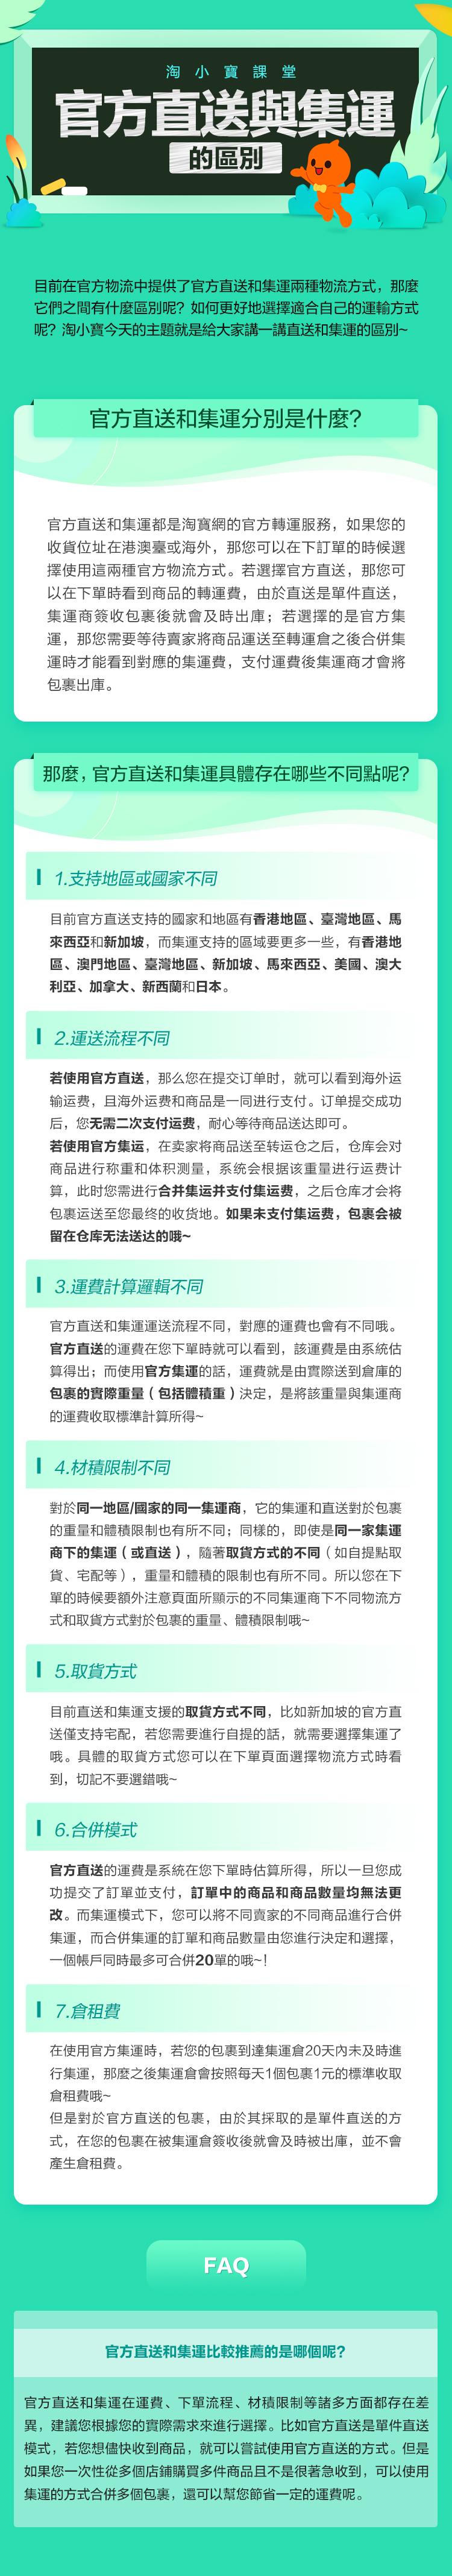 台灣淘寶,最推薦的運送方式